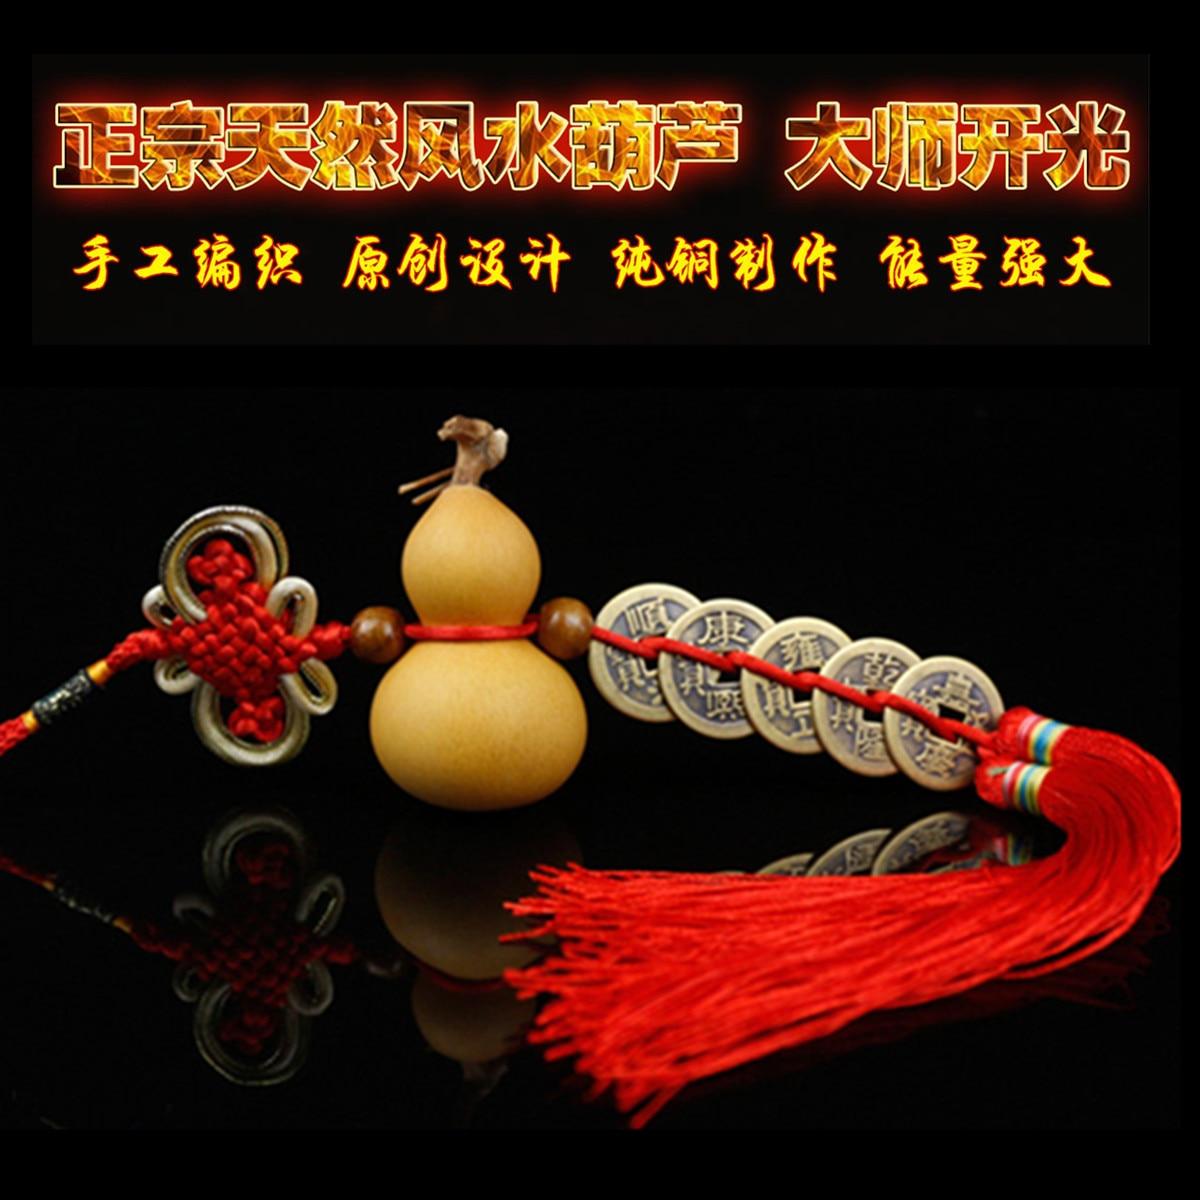 Um natural calabash cabaça artesanato decoração feng shui pingente wenwan mobiliário doméstico cinco moedas dinheiro casa decoração